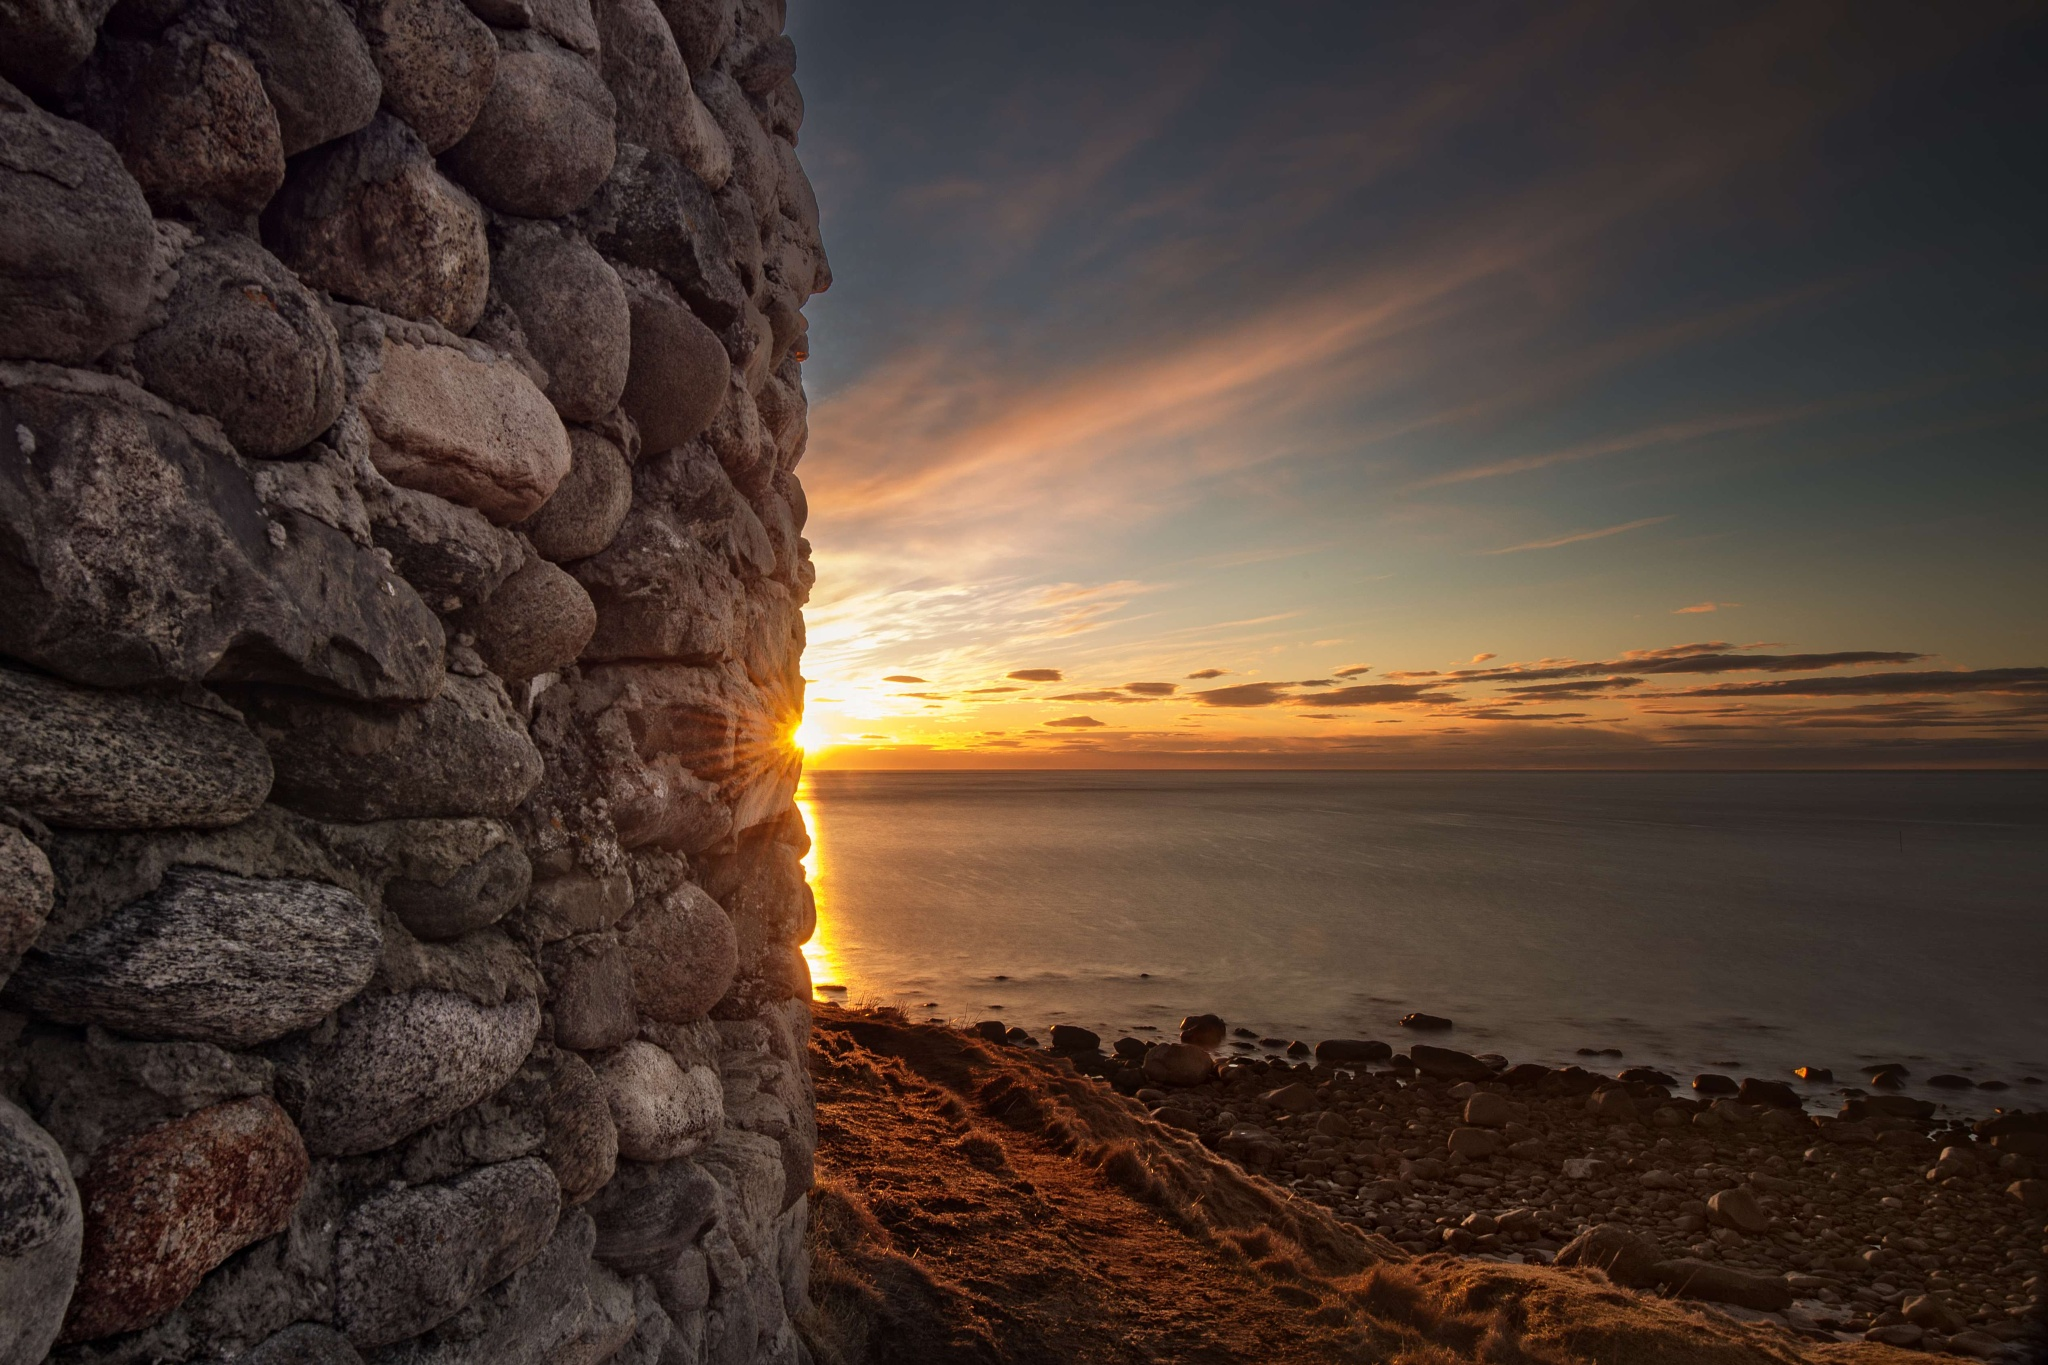 Sunset at Eggum, Lofoten by catoh2